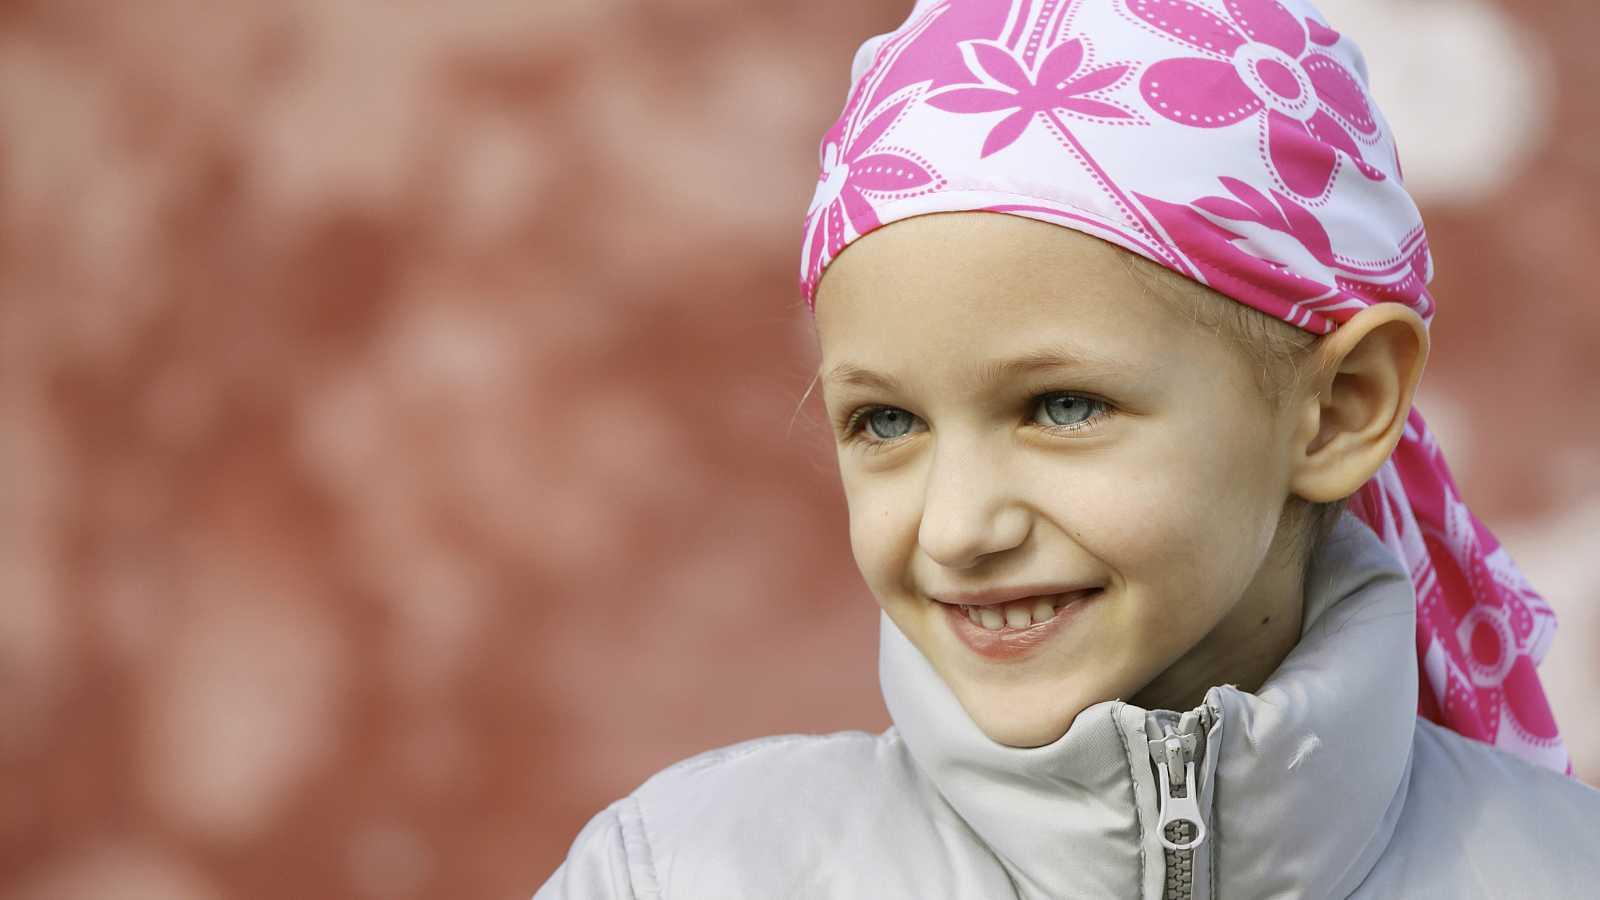 Marca España - Una investigación relaciona la contaminación del aire de interiores con el cáncer infantil - 20/10/15 - Escuchar ahora